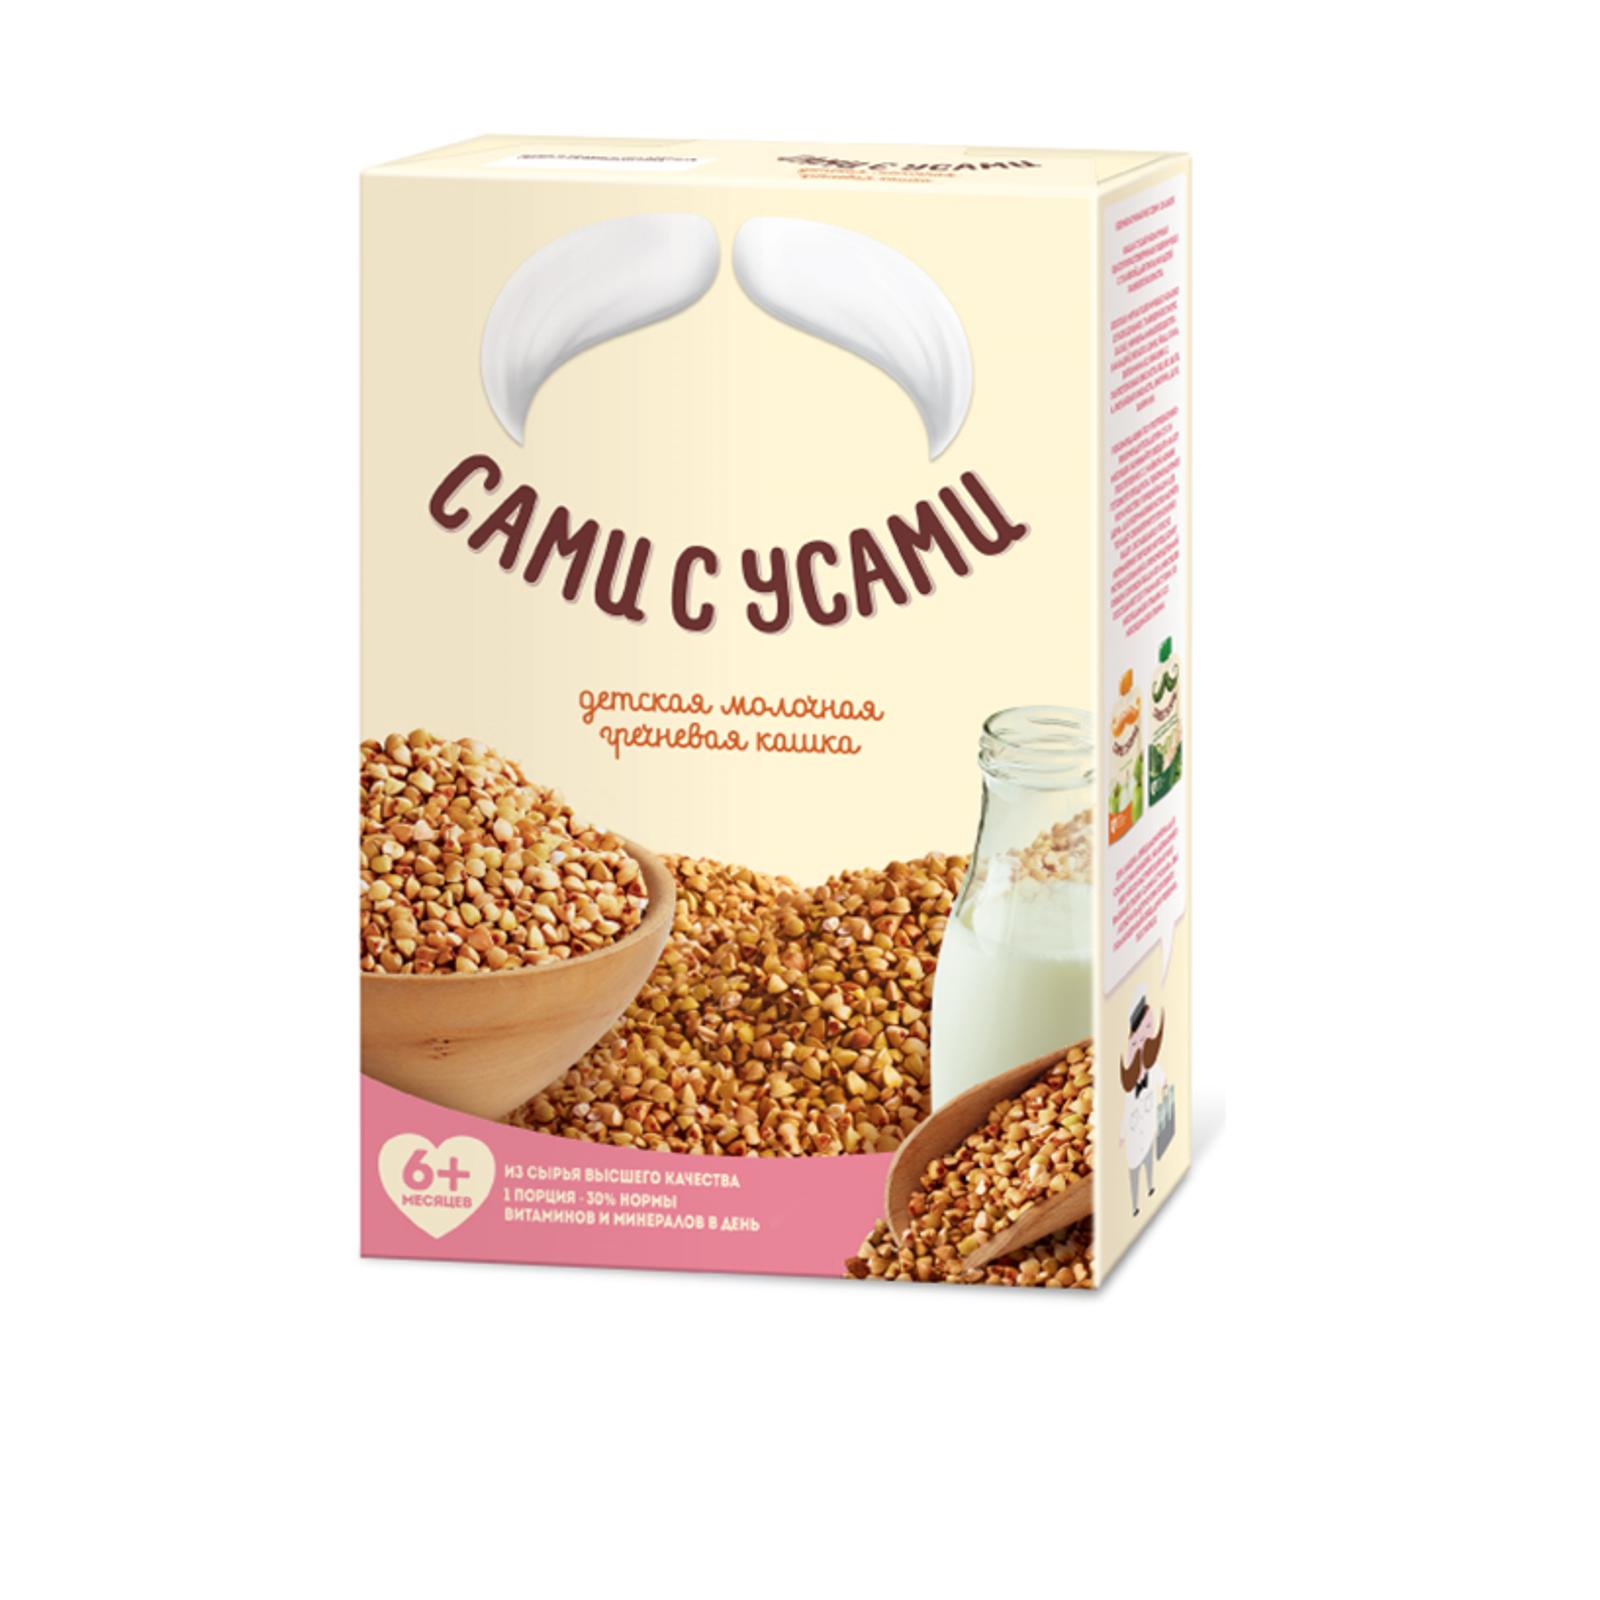 Каша Сами с усами молочная 200 гр Гречневая (с 4 мес)<br>